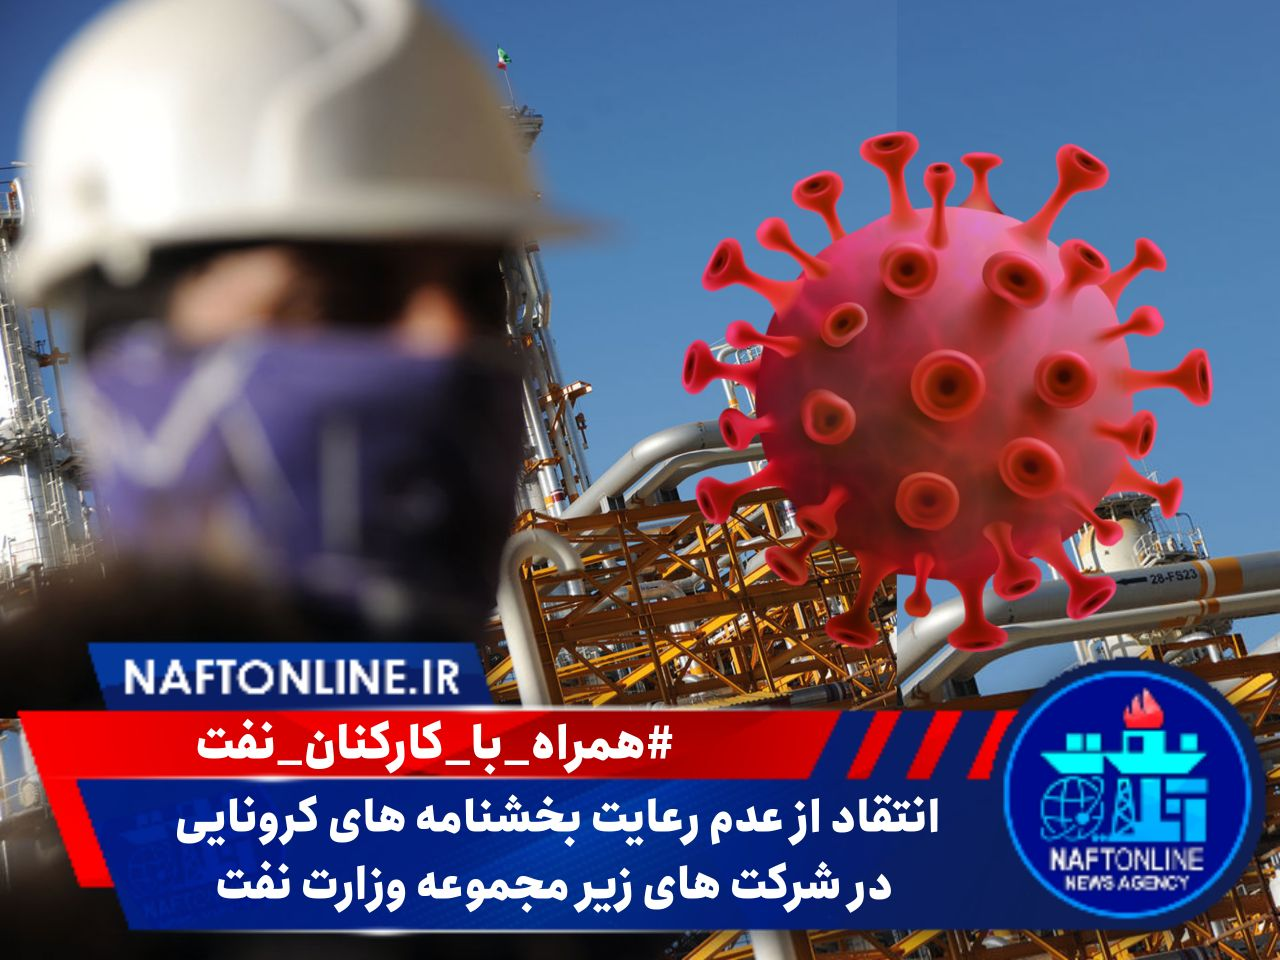 کارکنان صنعت نفت و بخشنامه های کرونایی   نفت آنلاین